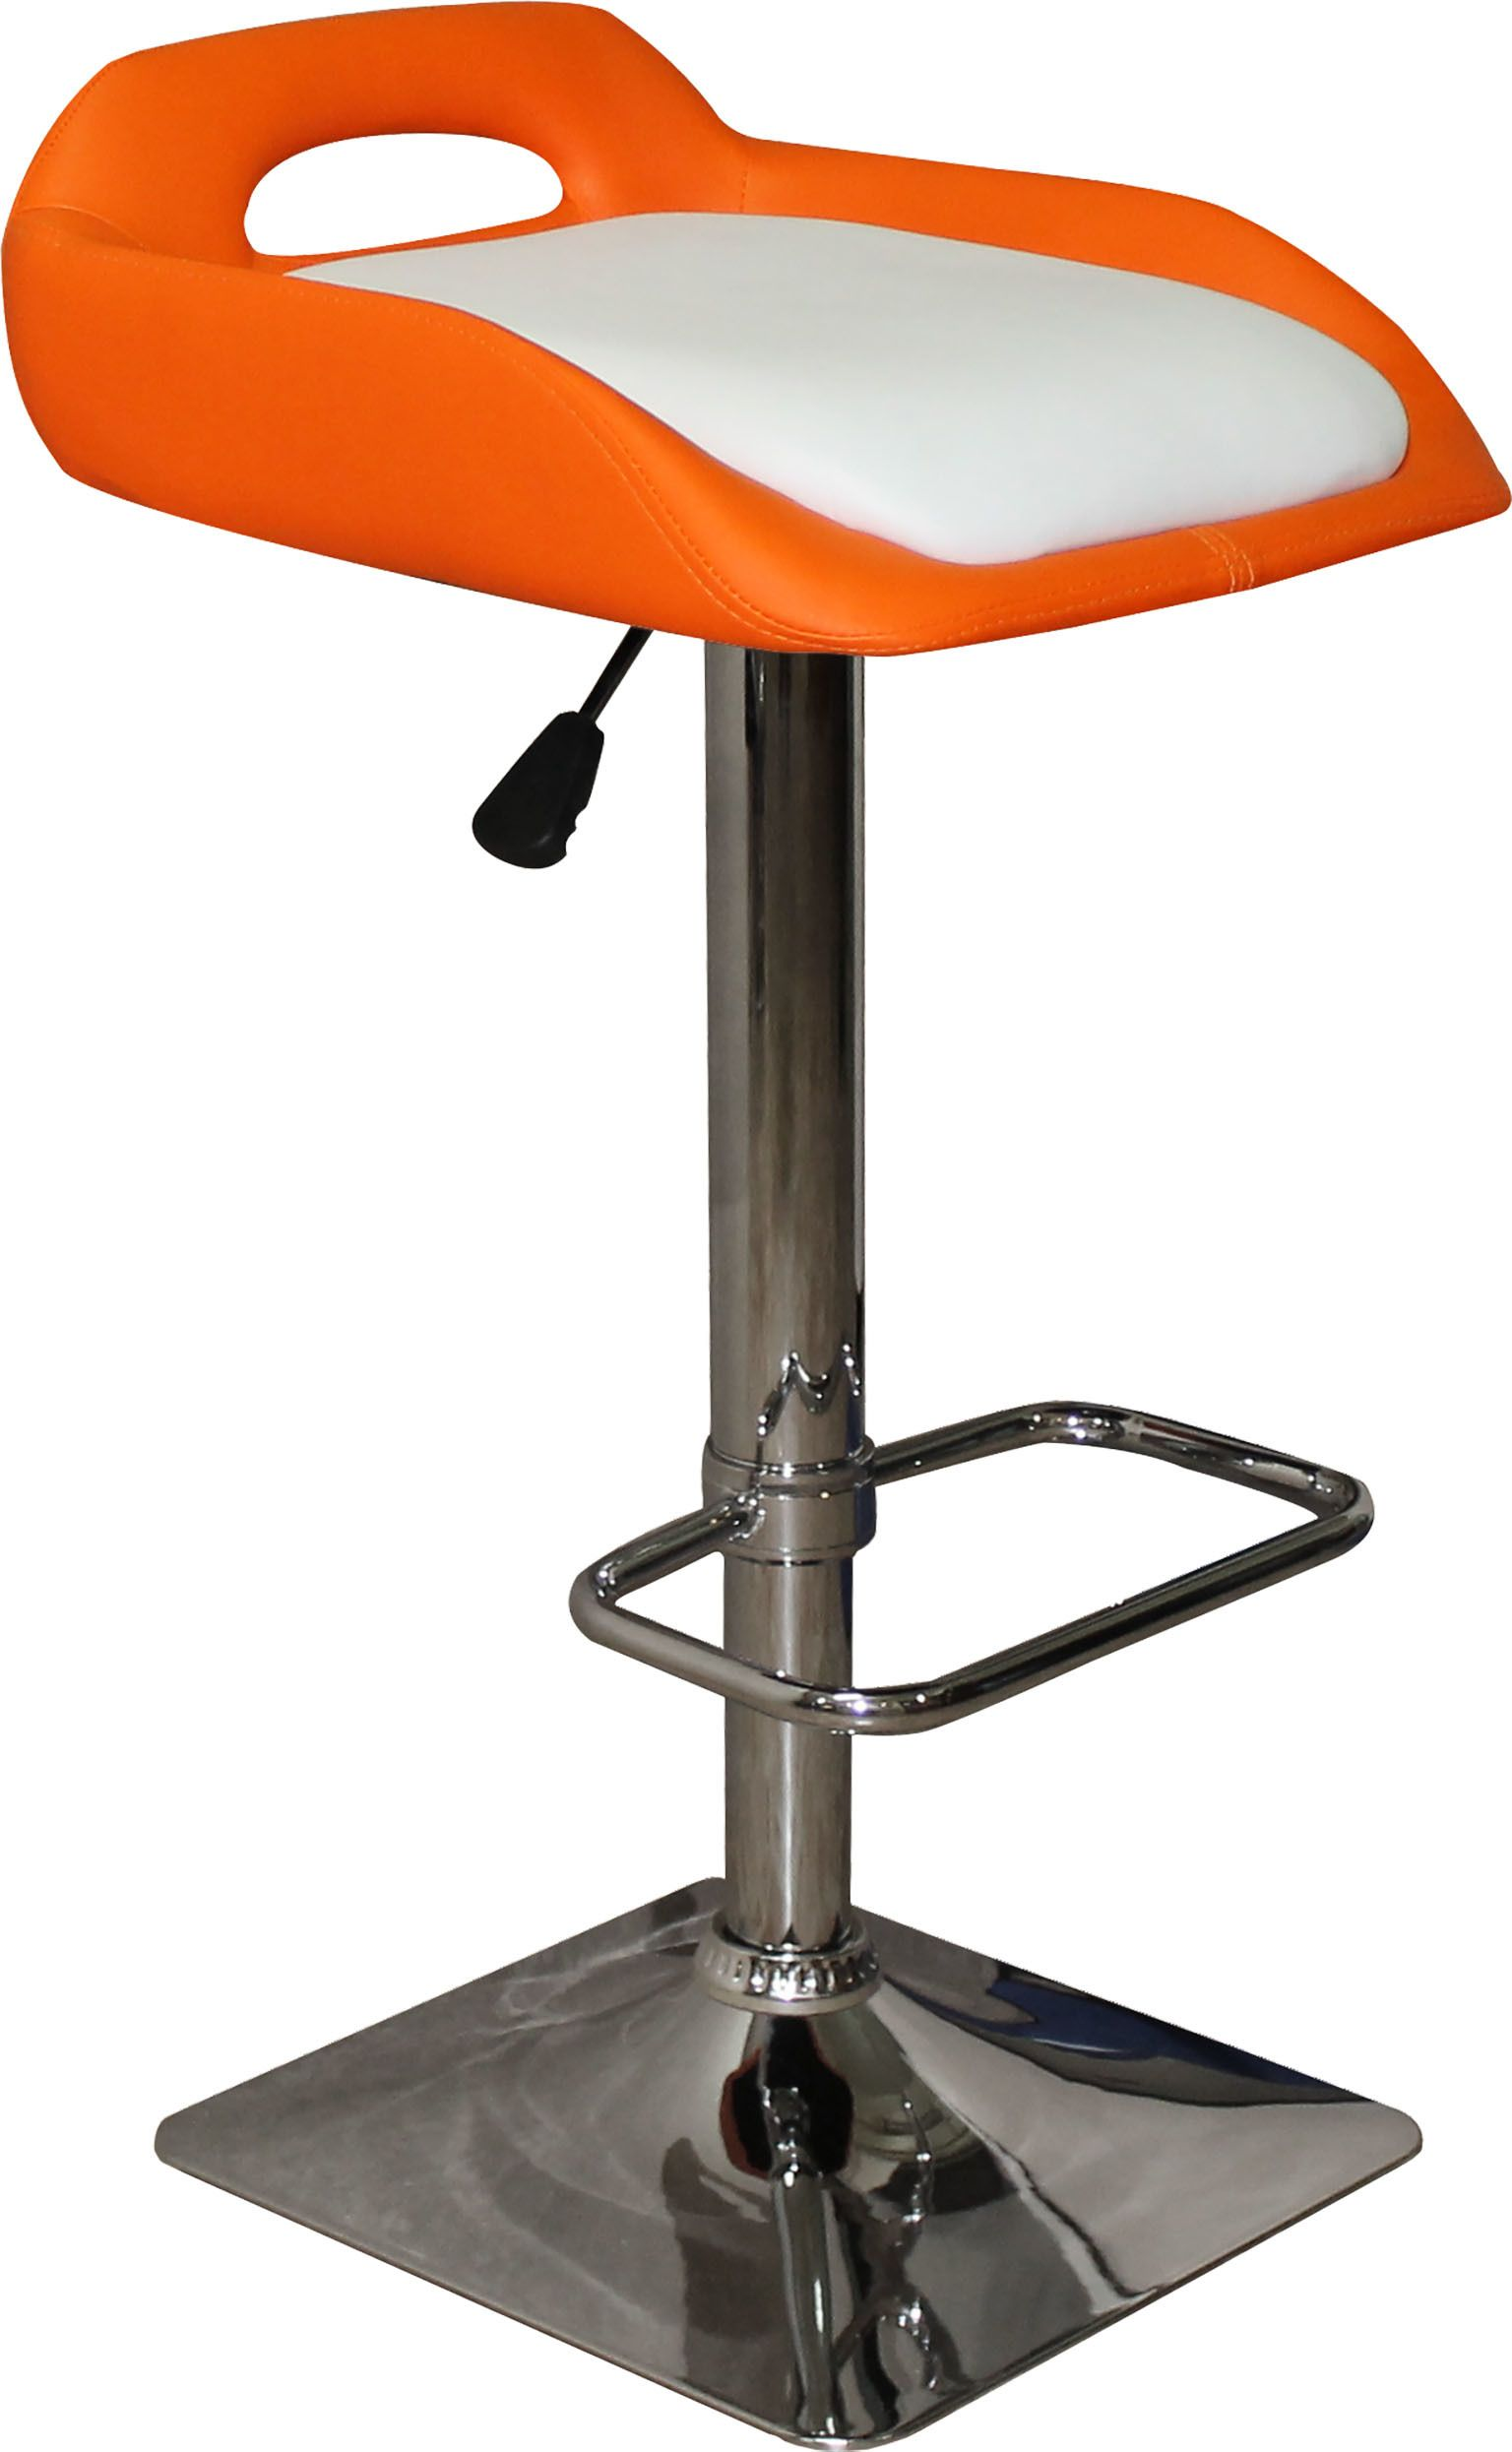 Барный стул с пуфиком (арт.ET 9190-2) оранжевыйМебель для дома<br><br><br>Артикул: ET 9190-2<br>Бренд: Ravta<br>Цвет: оранжевый<br>Вид мебели: Барный стул<br>Каркас мебели: гальваника<br>Тип материала мебели: кожзам